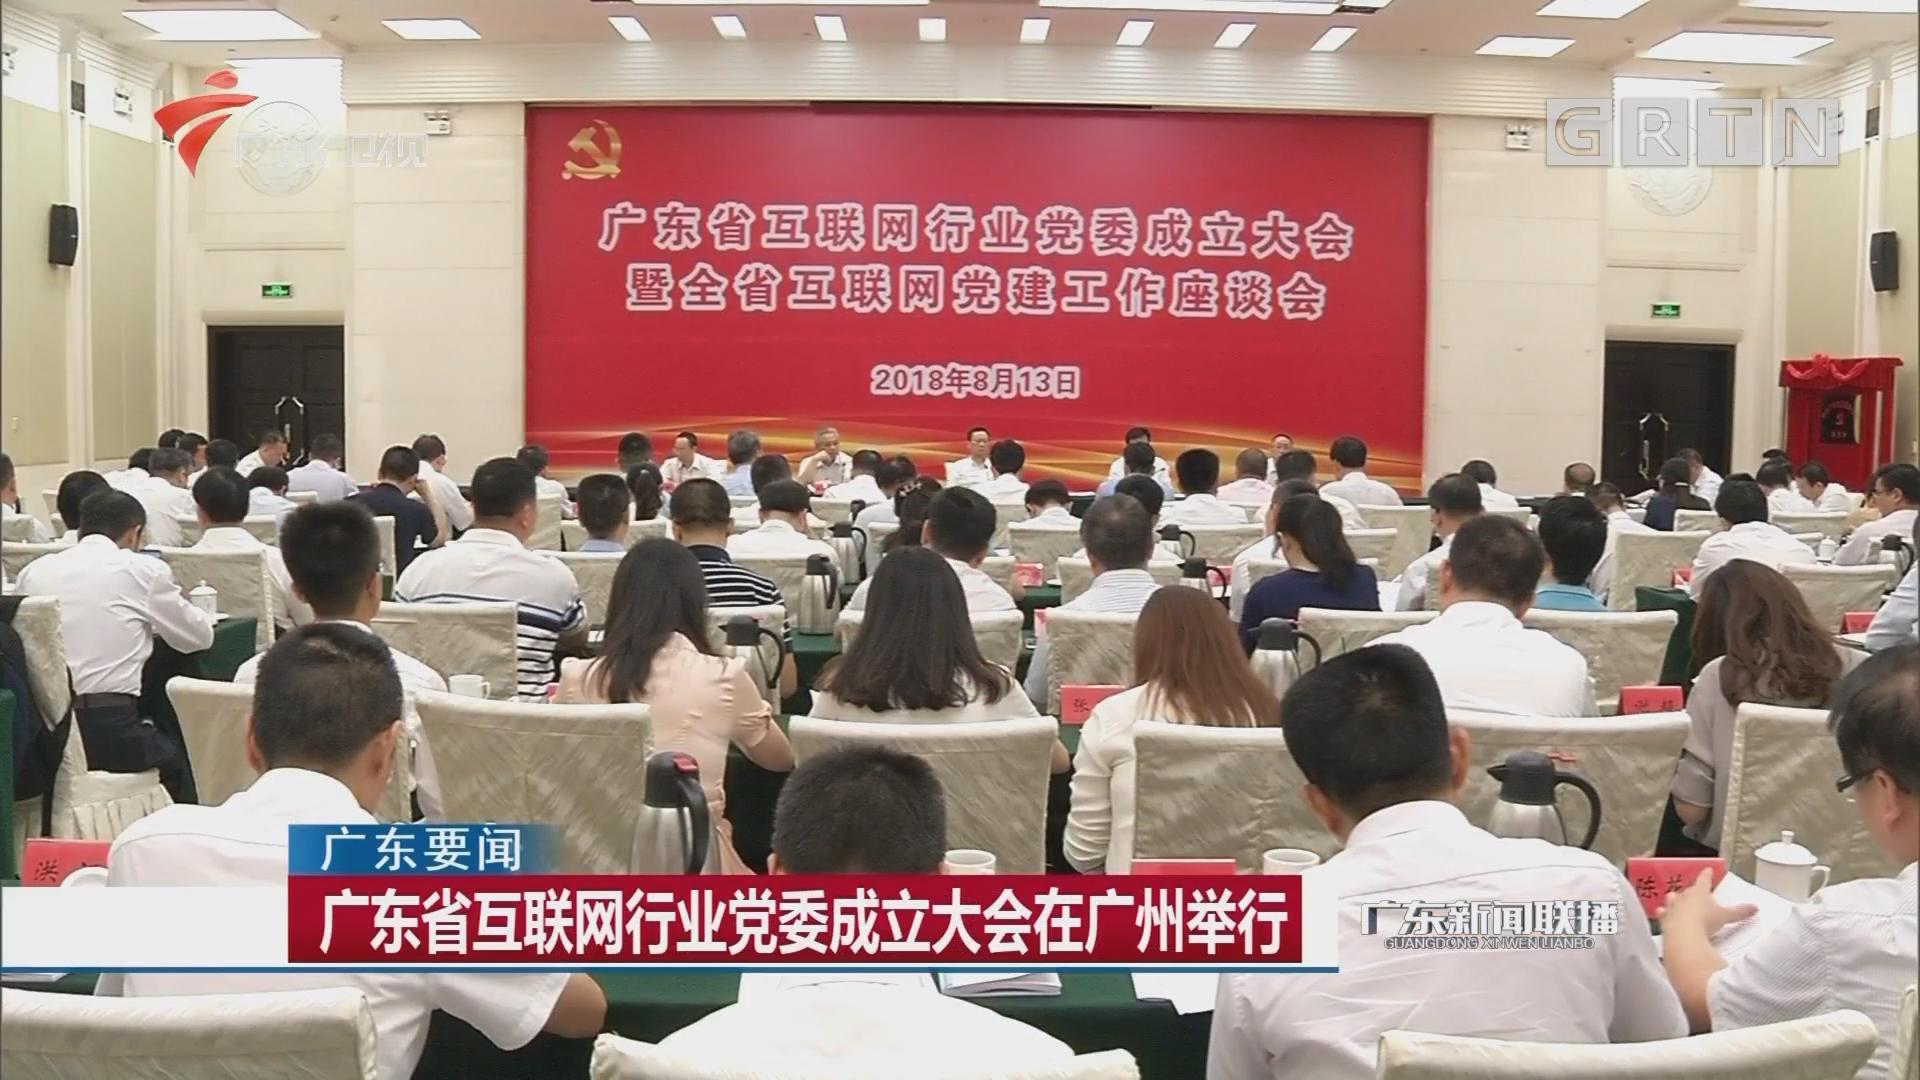 广东省互联网行业党委成立大会在广州举行